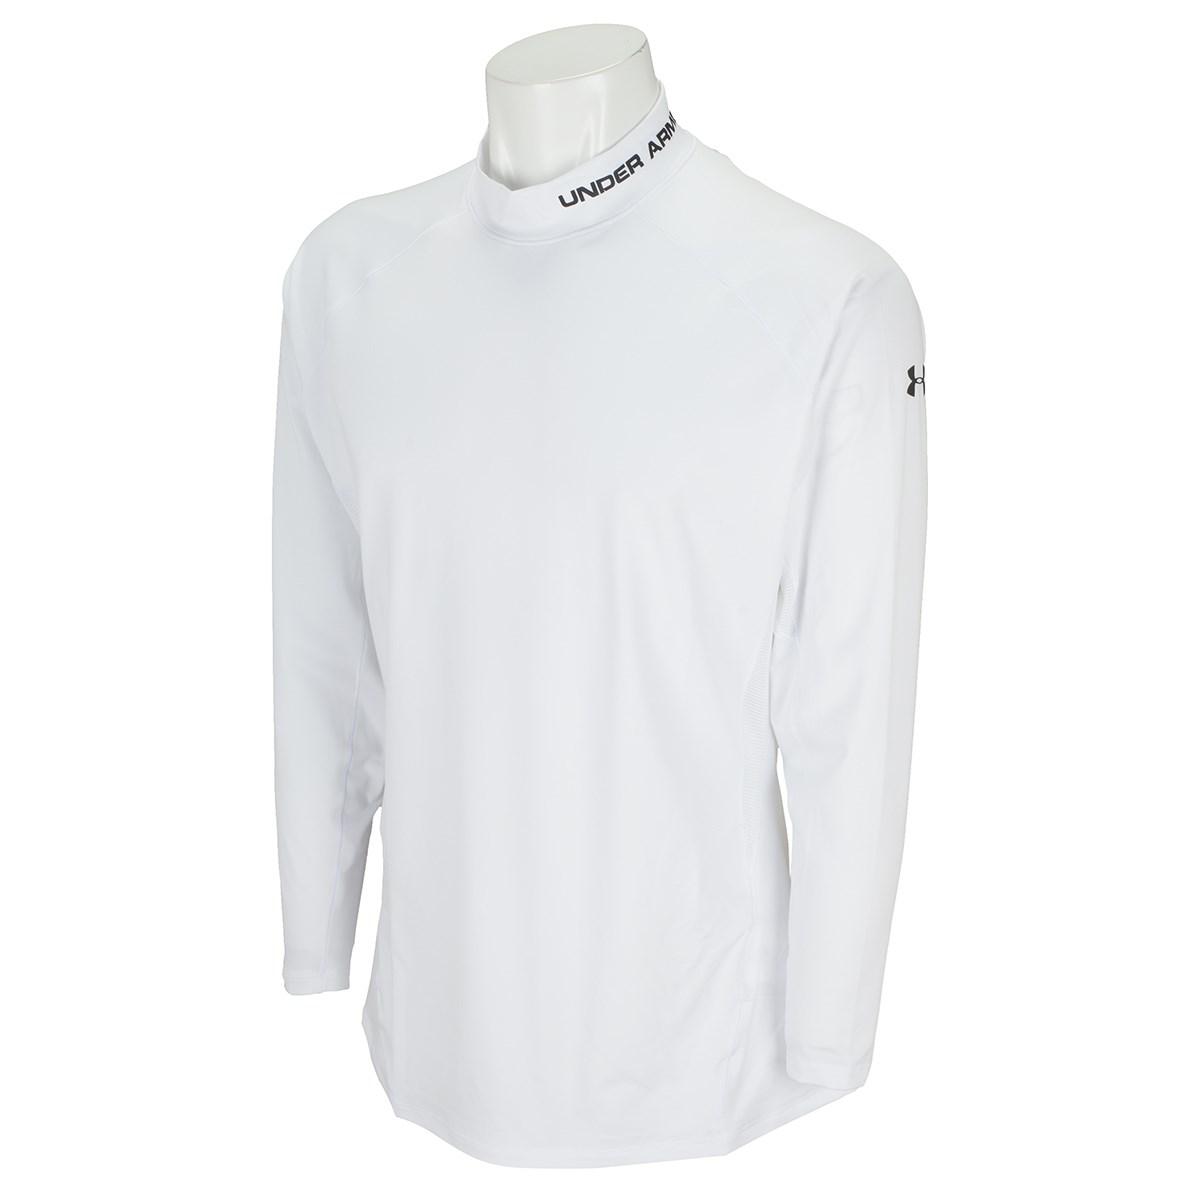 アンダーアーマー Under Armour UA HG フィット長袖モックシャツ MD White/Black